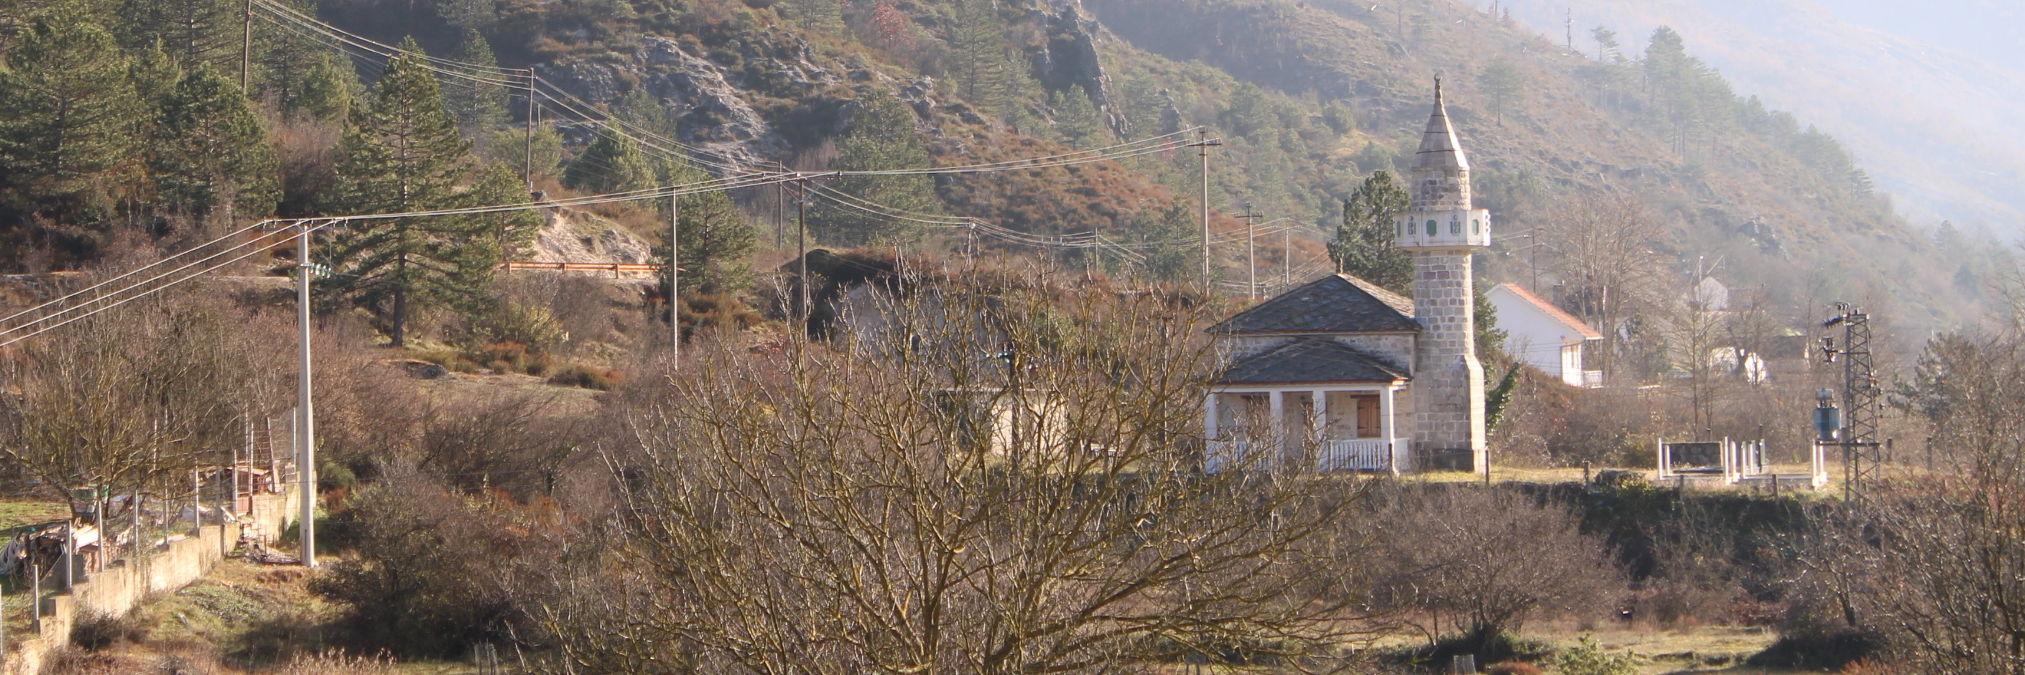 Мечеть в Жупе